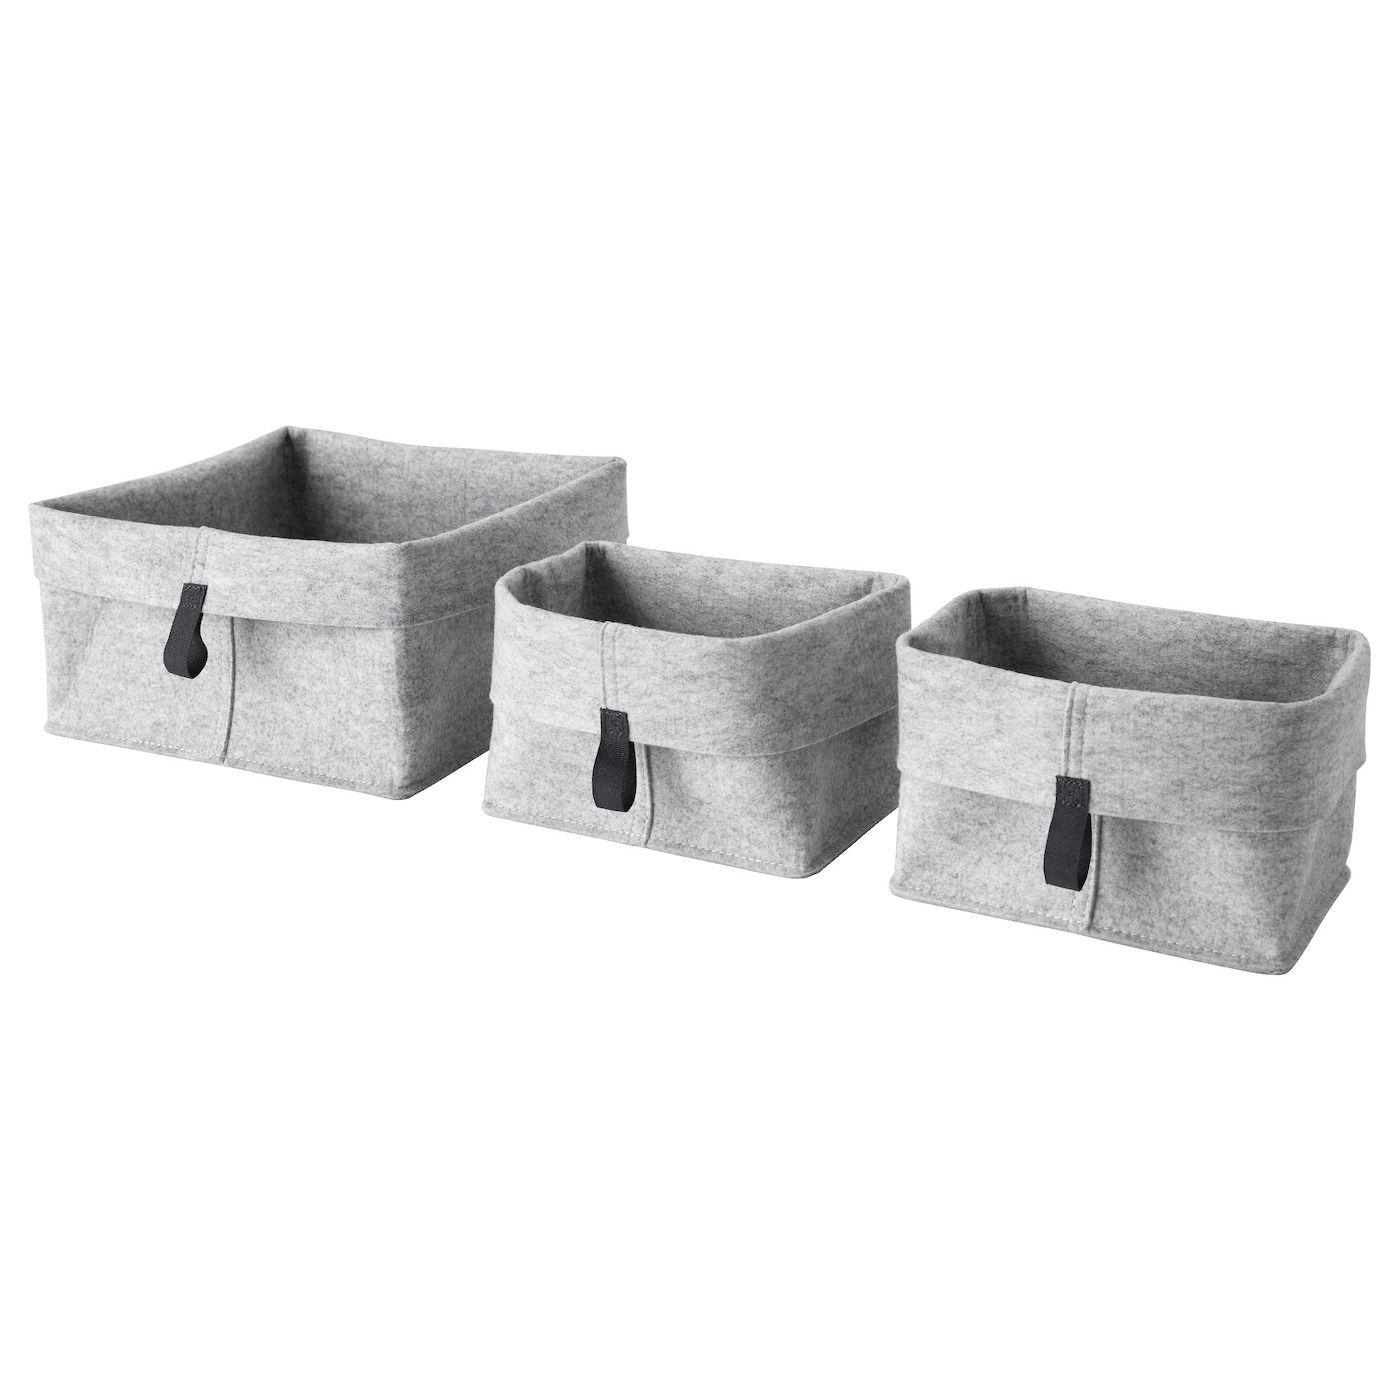 Raggisar Corbeille Lot De 3 Gris Panier Rangement Ikea